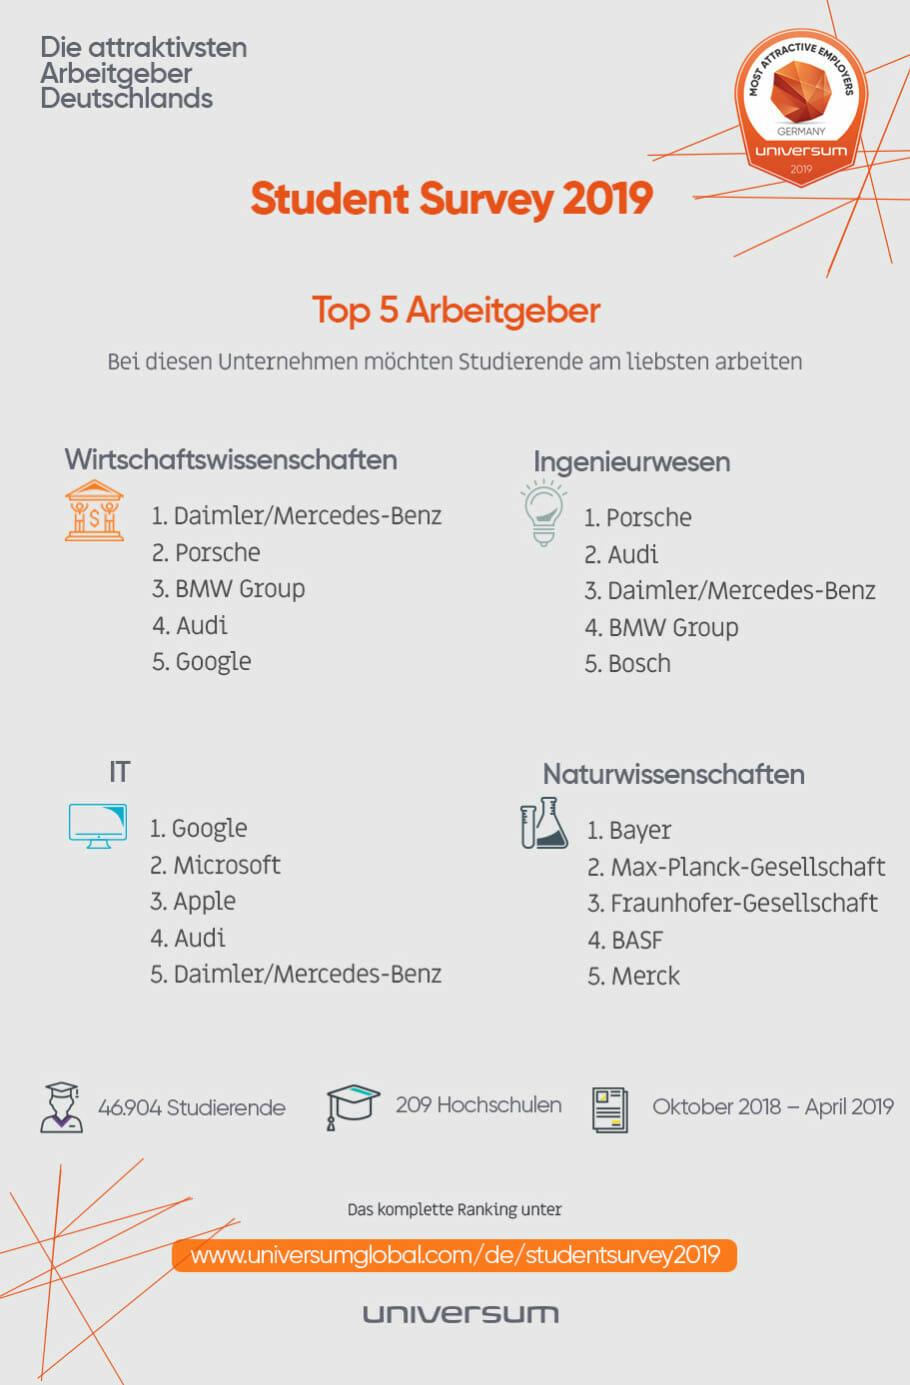 {Studie} Employer Branding und Jobsuche für Studierende: Arbeitgeber-Attraktivität 2019 Top 5 Arbeitgeber für Studierende